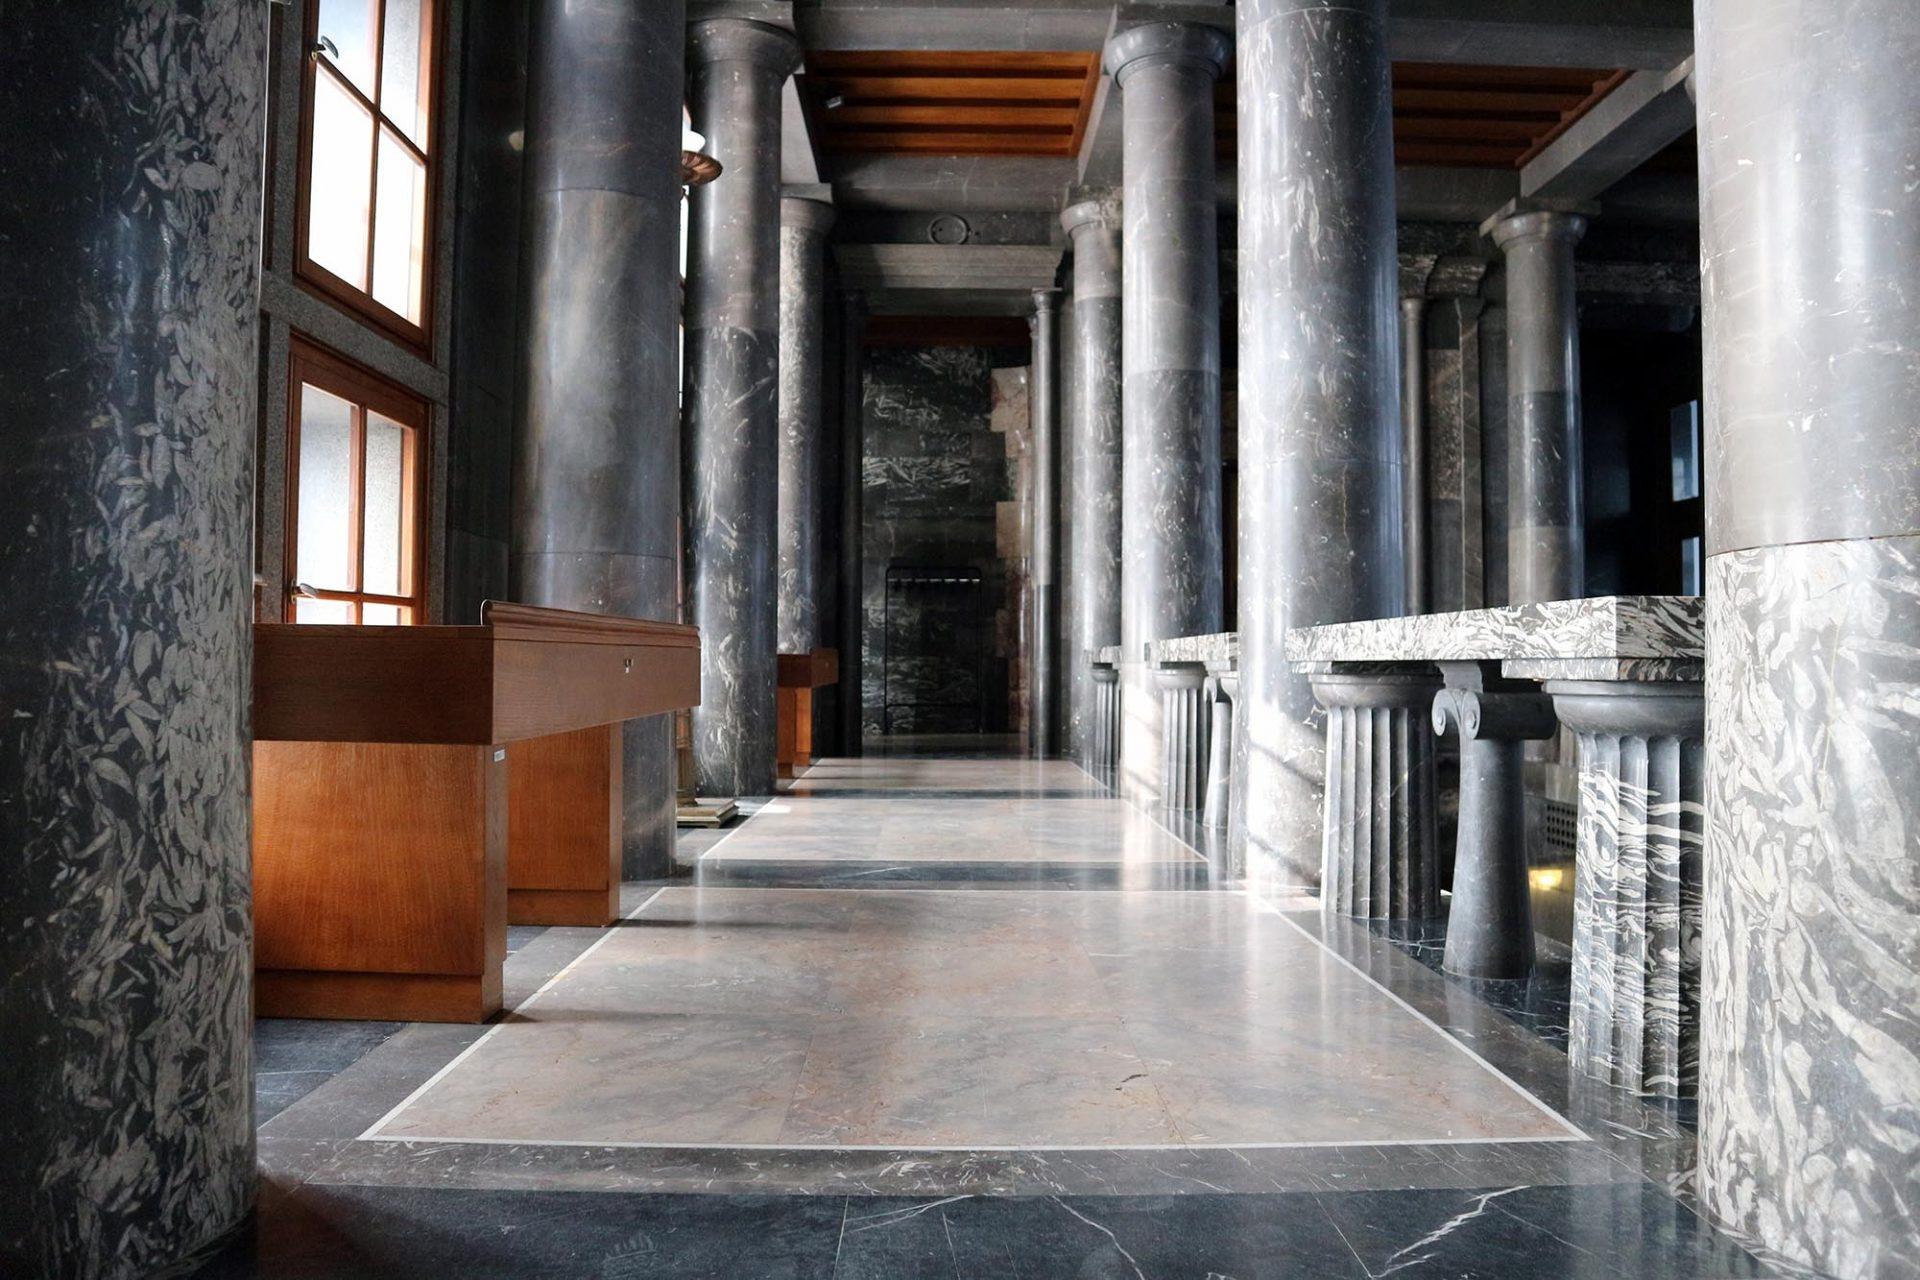 Nationalbibliothek.  In der monumentalen Eingangshalle dominieren grauer Marmor und helle Hölzer.